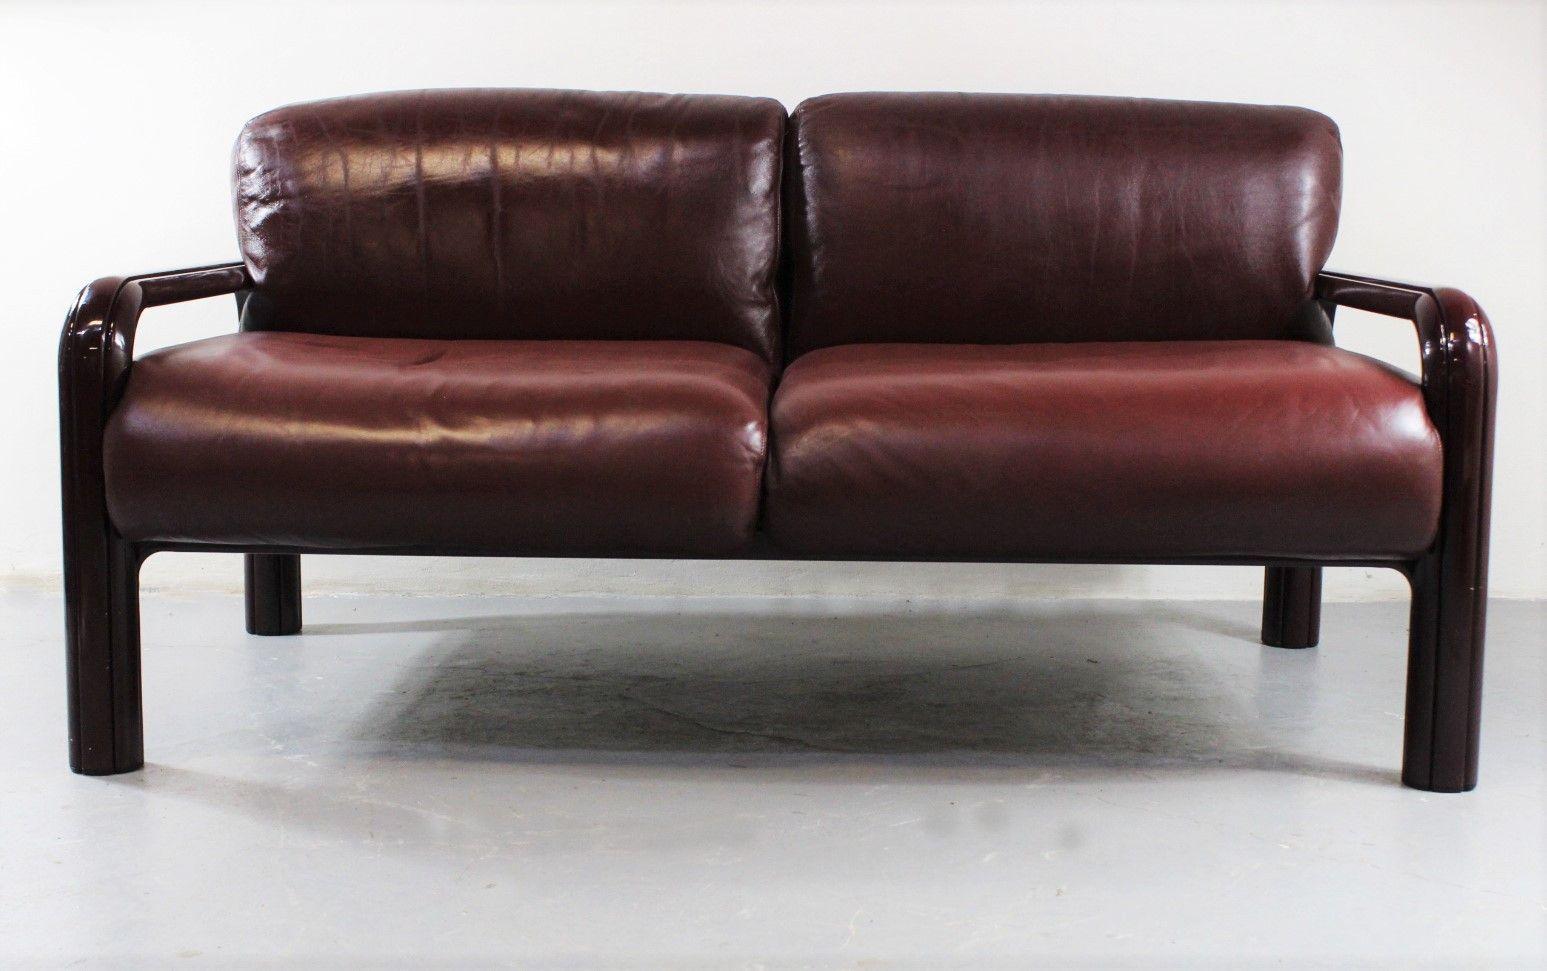 2 sitzer leder sofa von gae aulenti f r knoll 1970er bei pamono kaufen. Black Bedroom Furniture Sets. Home Design Ideas